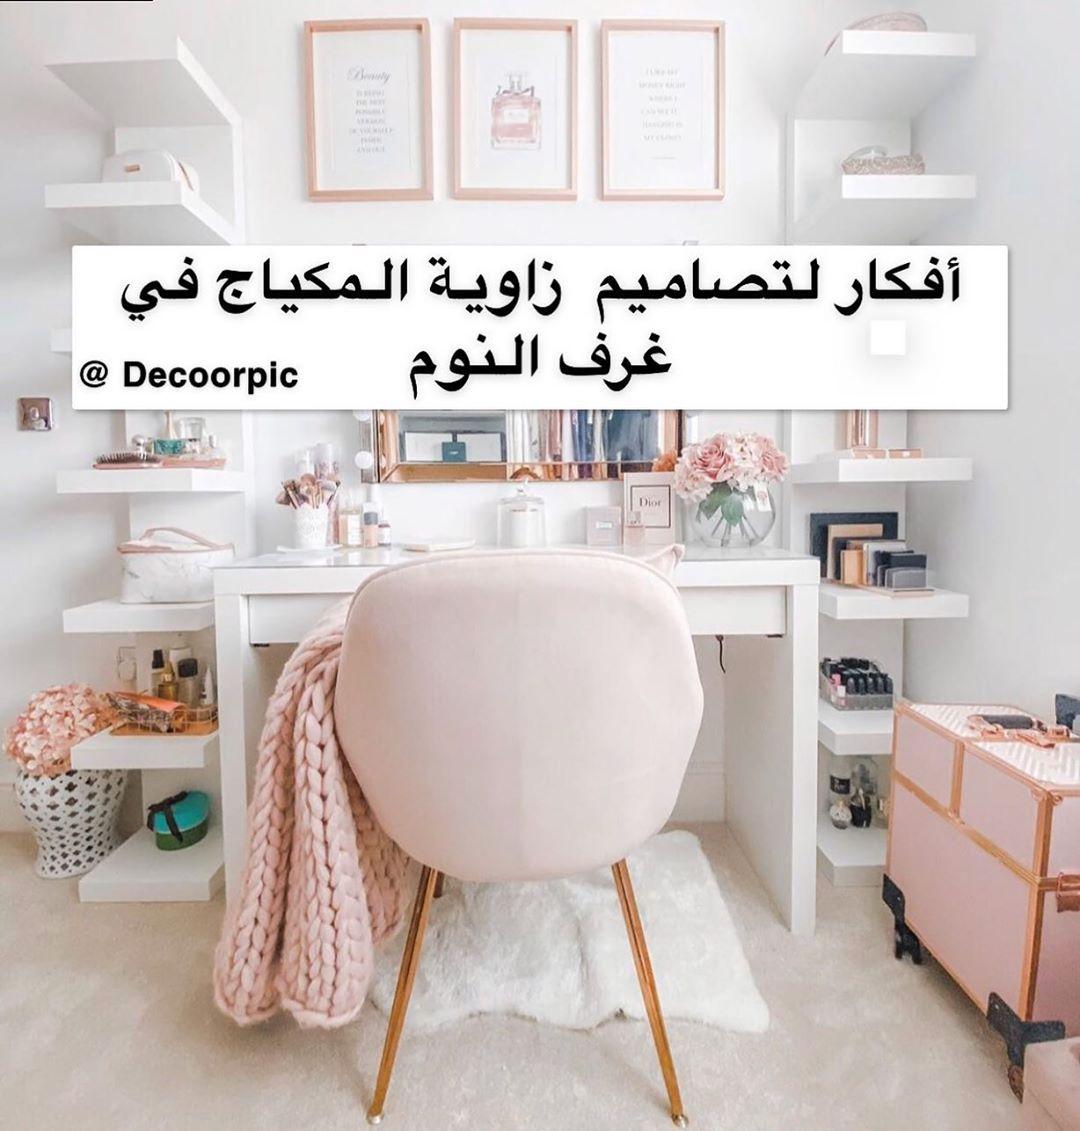 شاركونا تعليقاتكم حول أفكار لتصاميم زاوية المكياج في غرف النوم  ..—منشن كل…